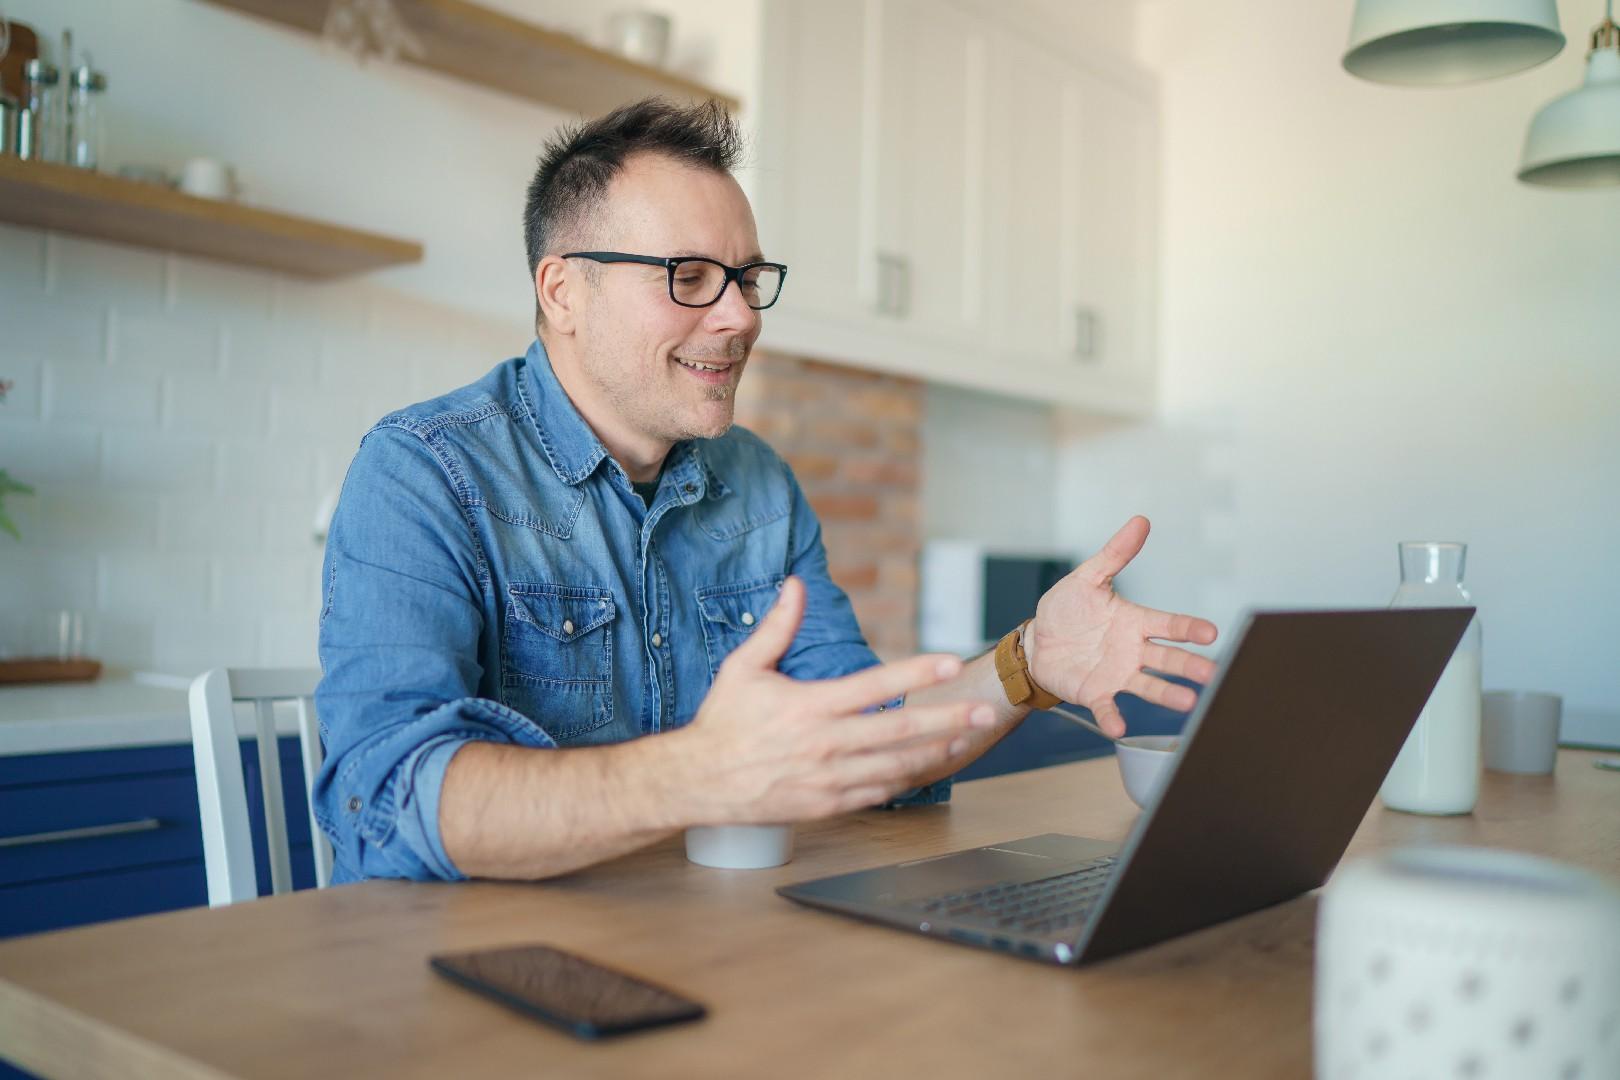 Mann-sitzt-am-Laptop-im Homeoffice-und-argumentiert-im-Call